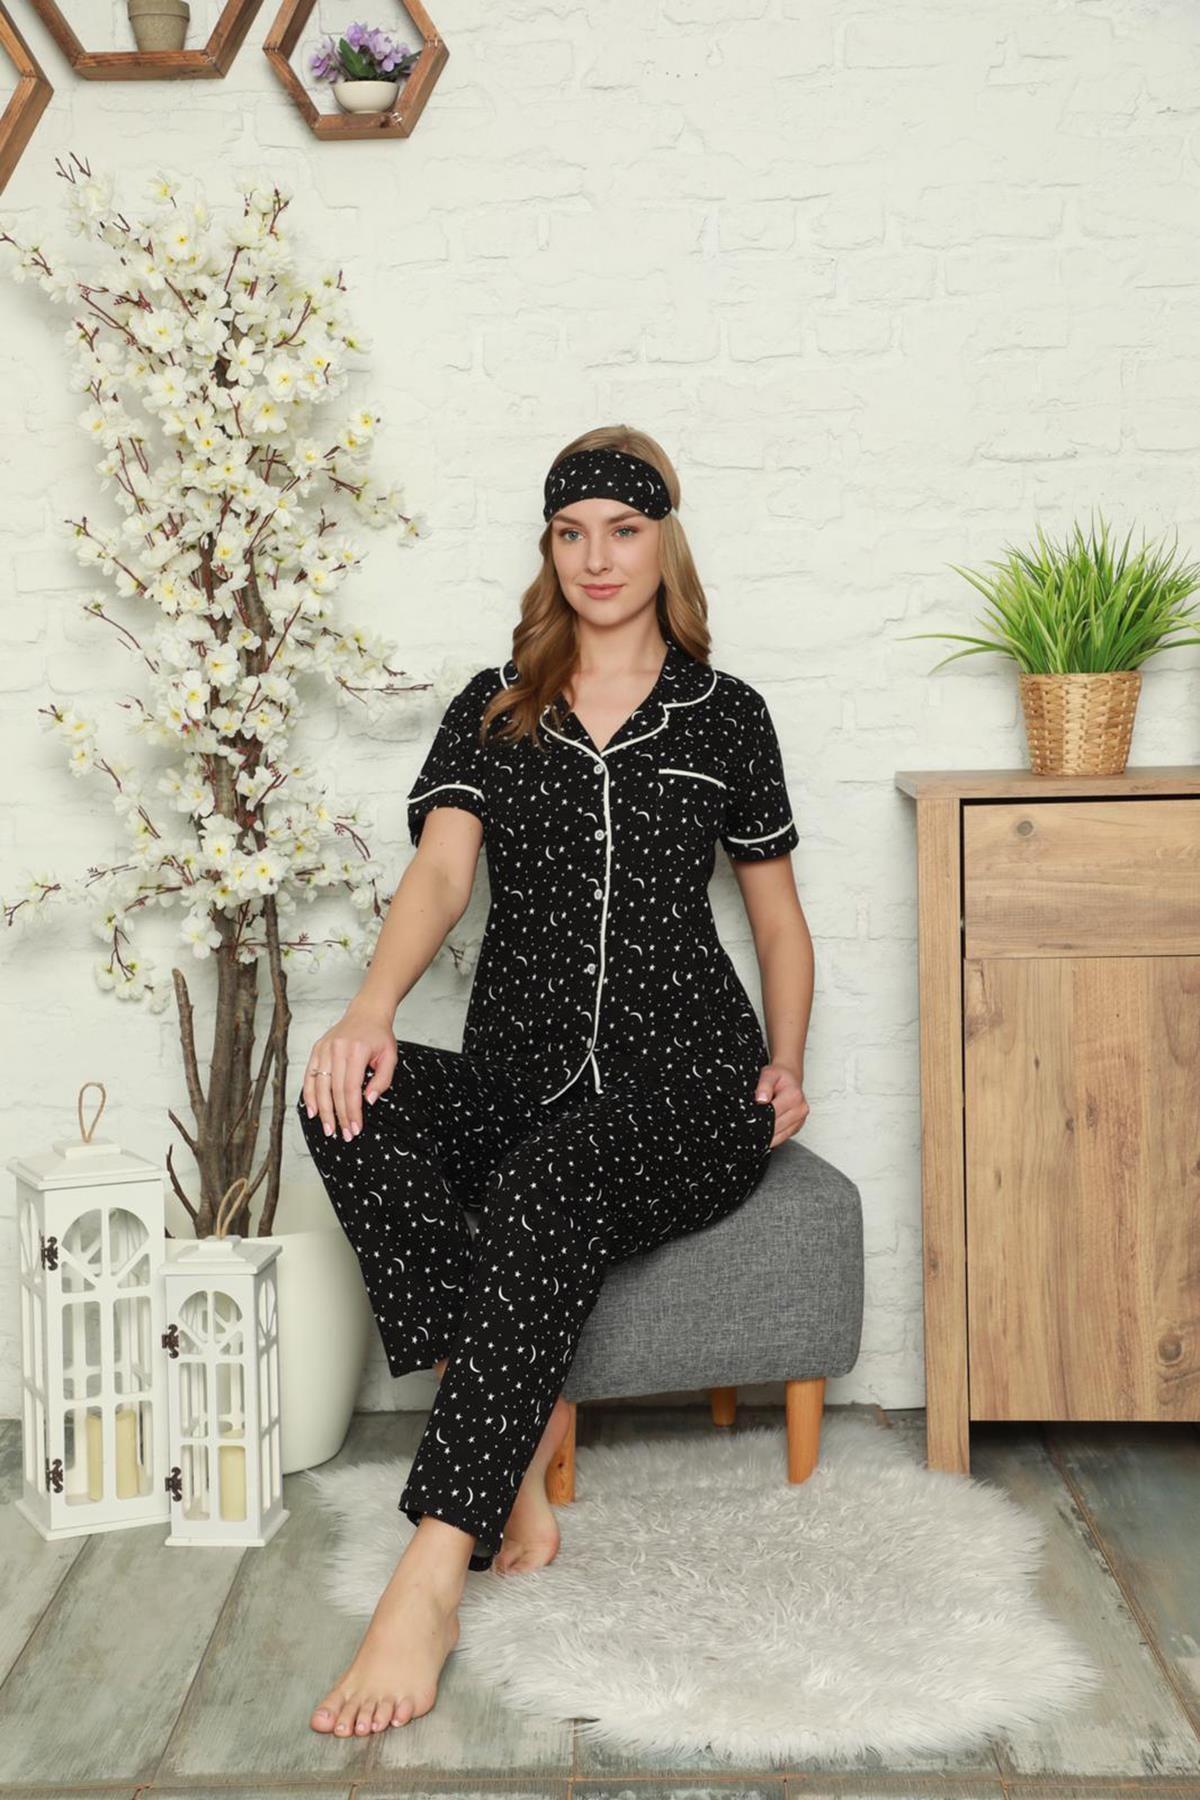 SEBOTEKS Kadın Düğmeli Ince Penye Pamuklu Pijama Takımı